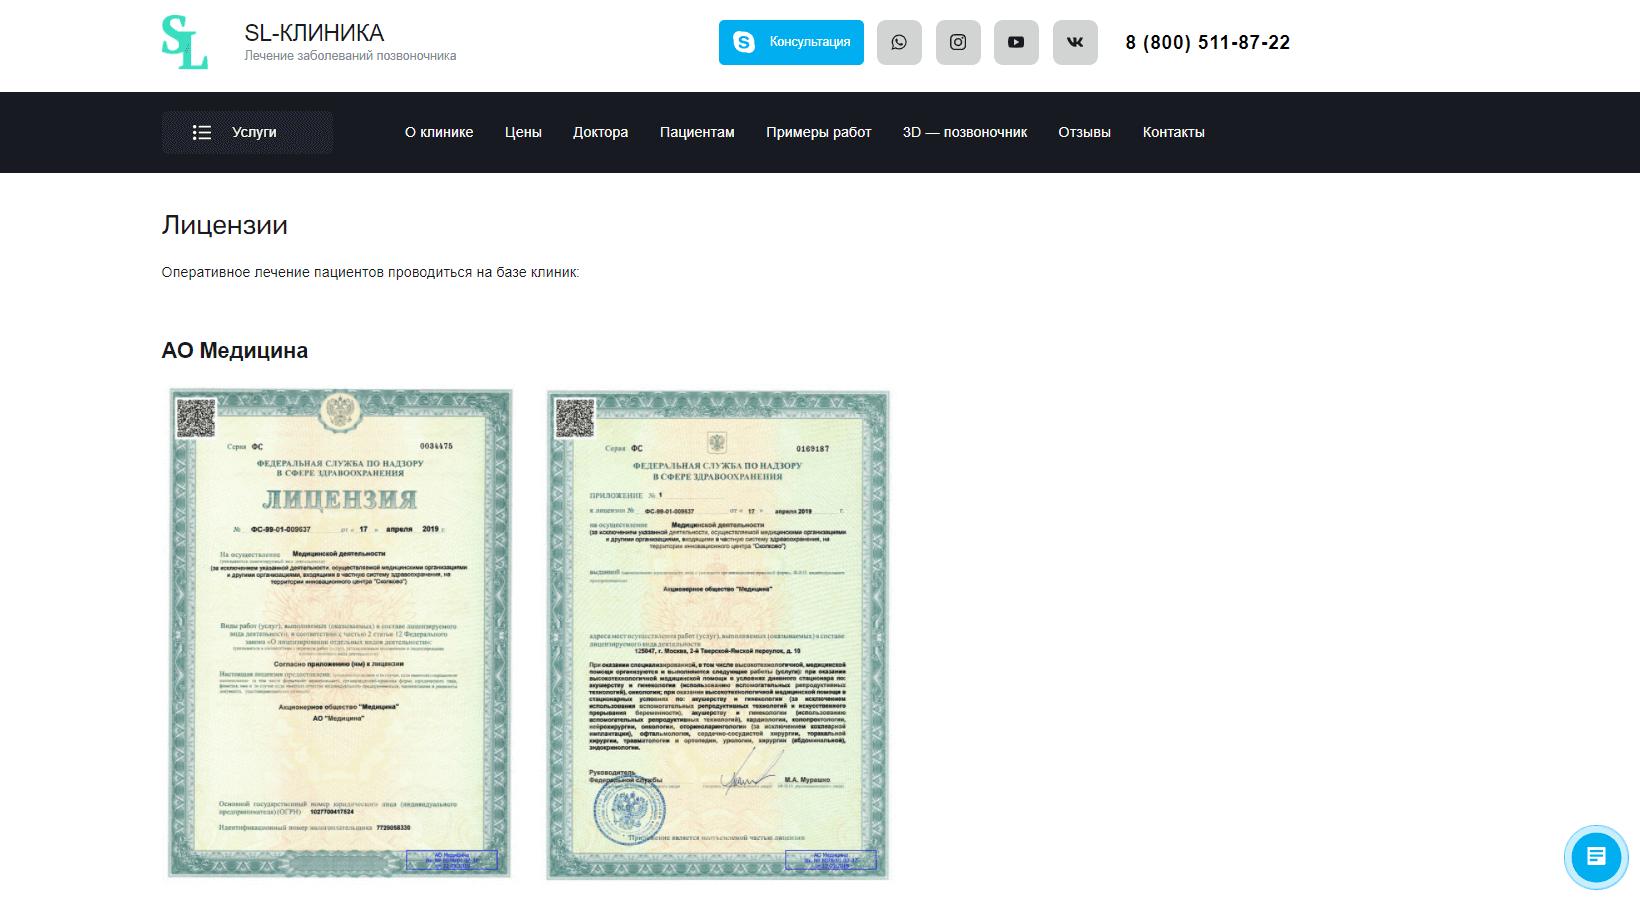 Пример размещения лицензий на медицинском сайте